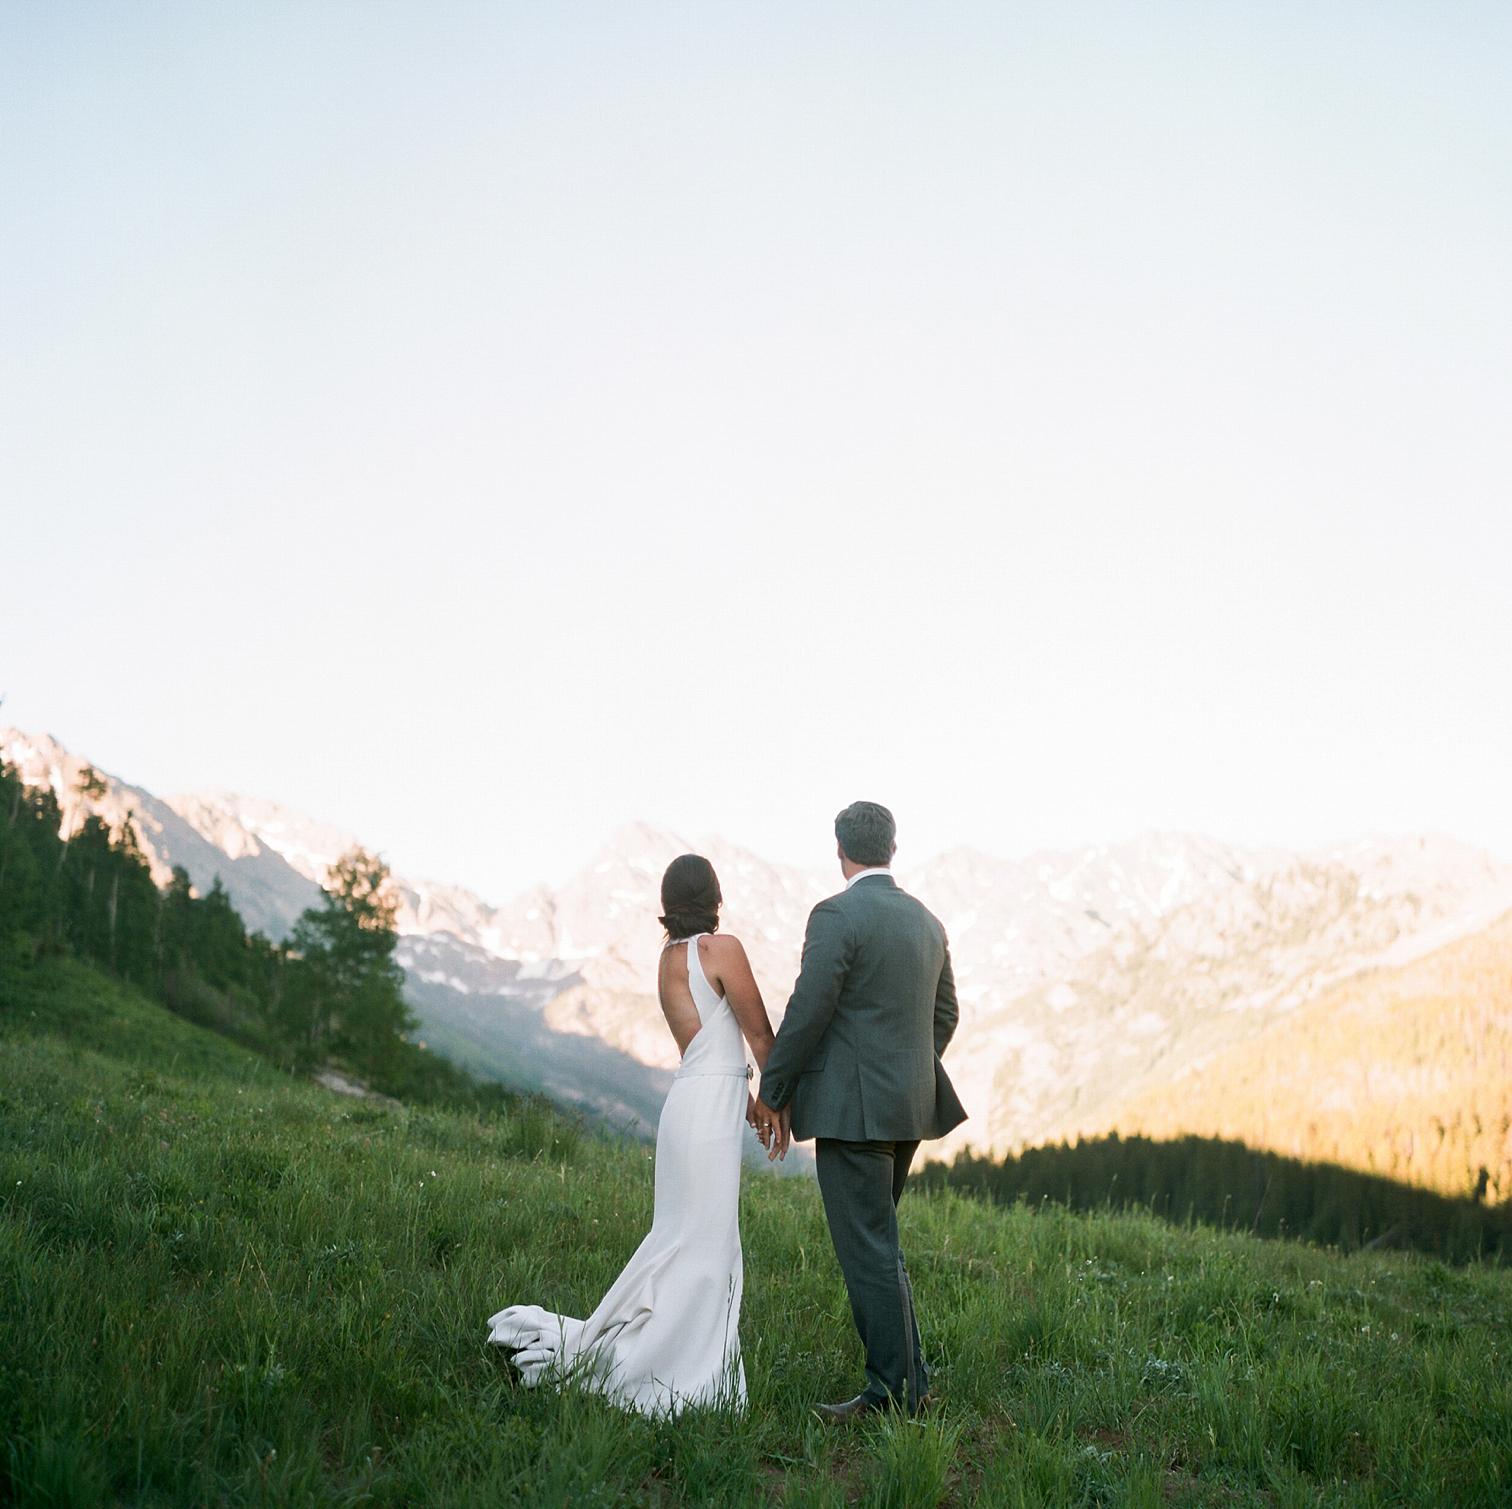 Vail Colorado Wedding, Colorado Wedding Photographer, Film Photographer, Mountain Wedding, Colorado Destination Wedding Photographers, Best Photographers In Colorado, Film Photography, Denver Wedding Photographers, Bride and Groom With Mountain Views, Piney River Ranch